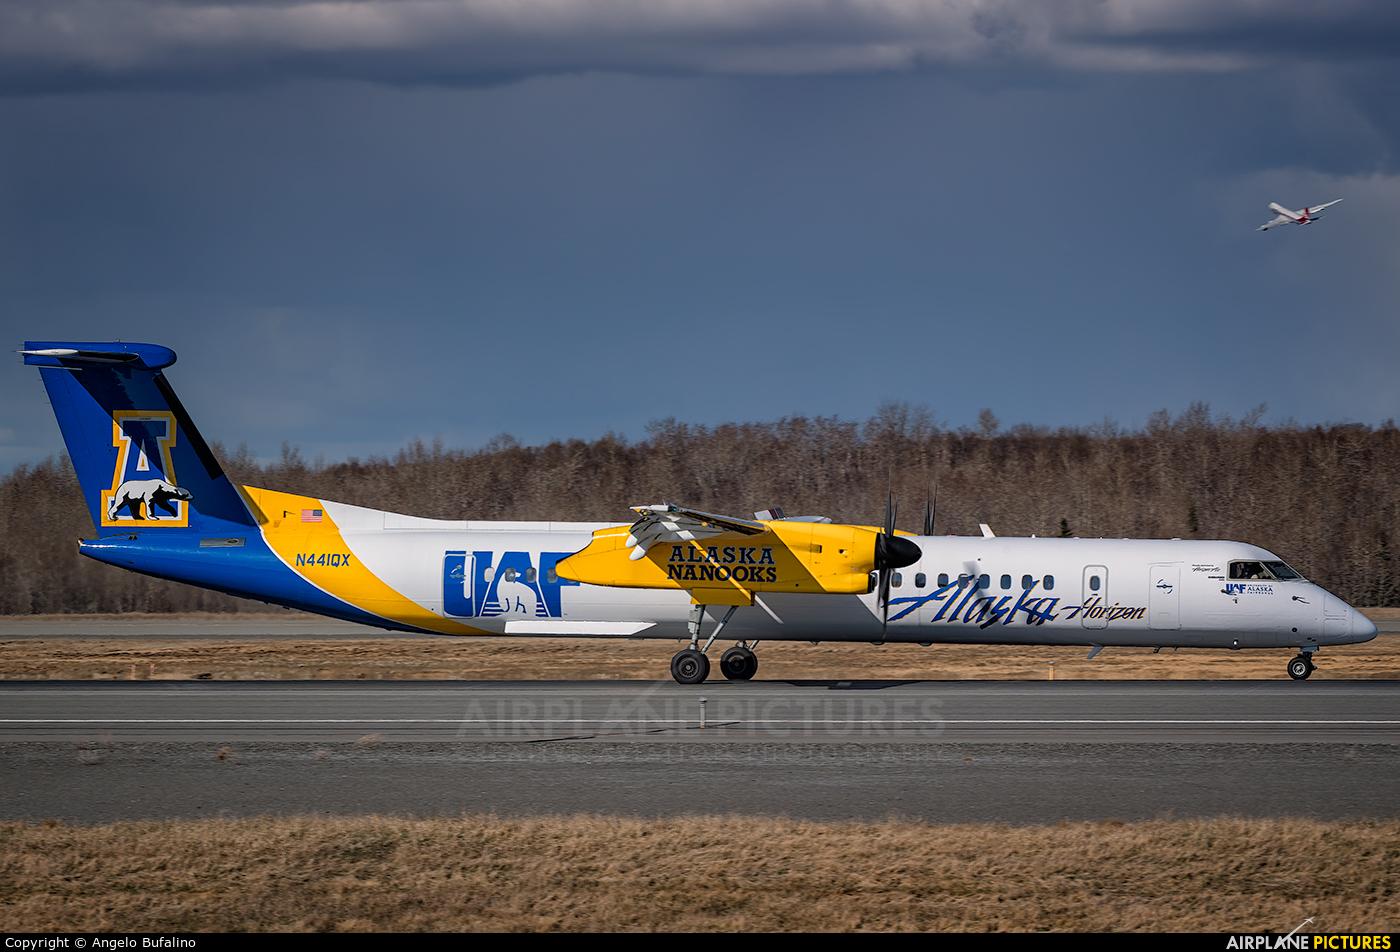 Alaska Airlines - Horizon Air N441QX aircraft at Anchorage - Ted Stevens Intl / Kulis Air National Guard Base